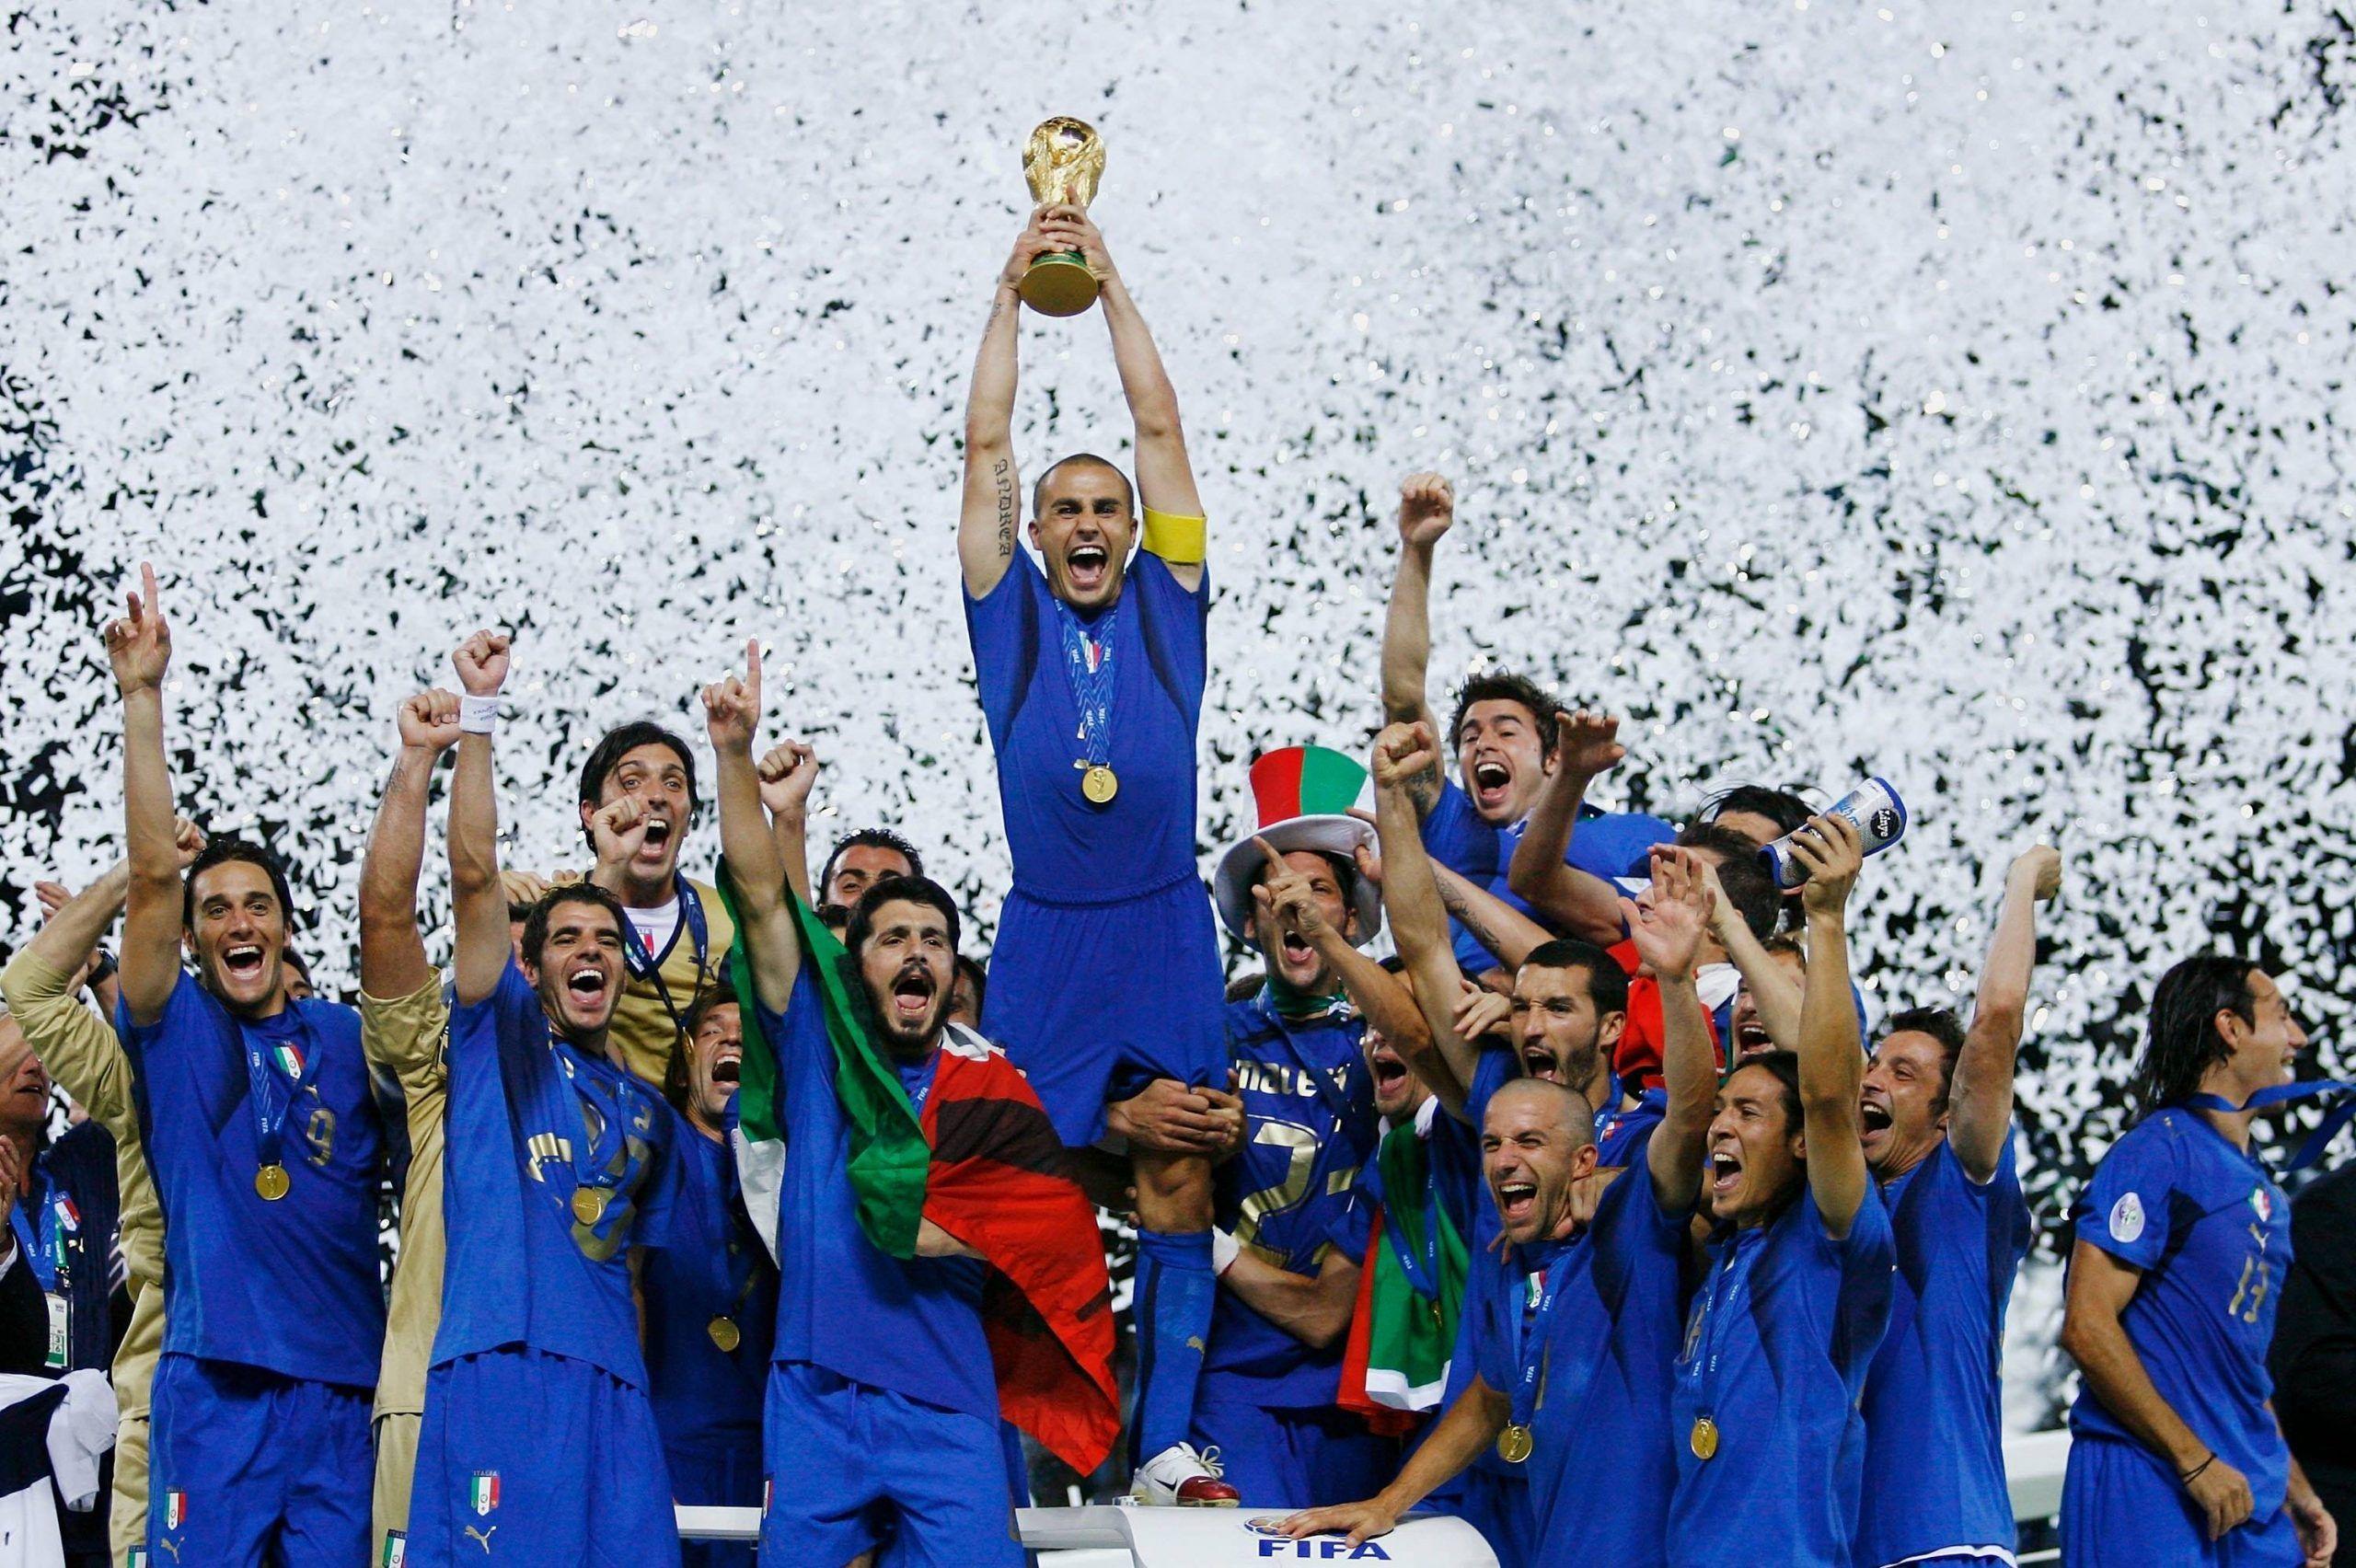 Mondiali Brasile 2014: quante ne sai? Fai il NOSTRO Quiz!